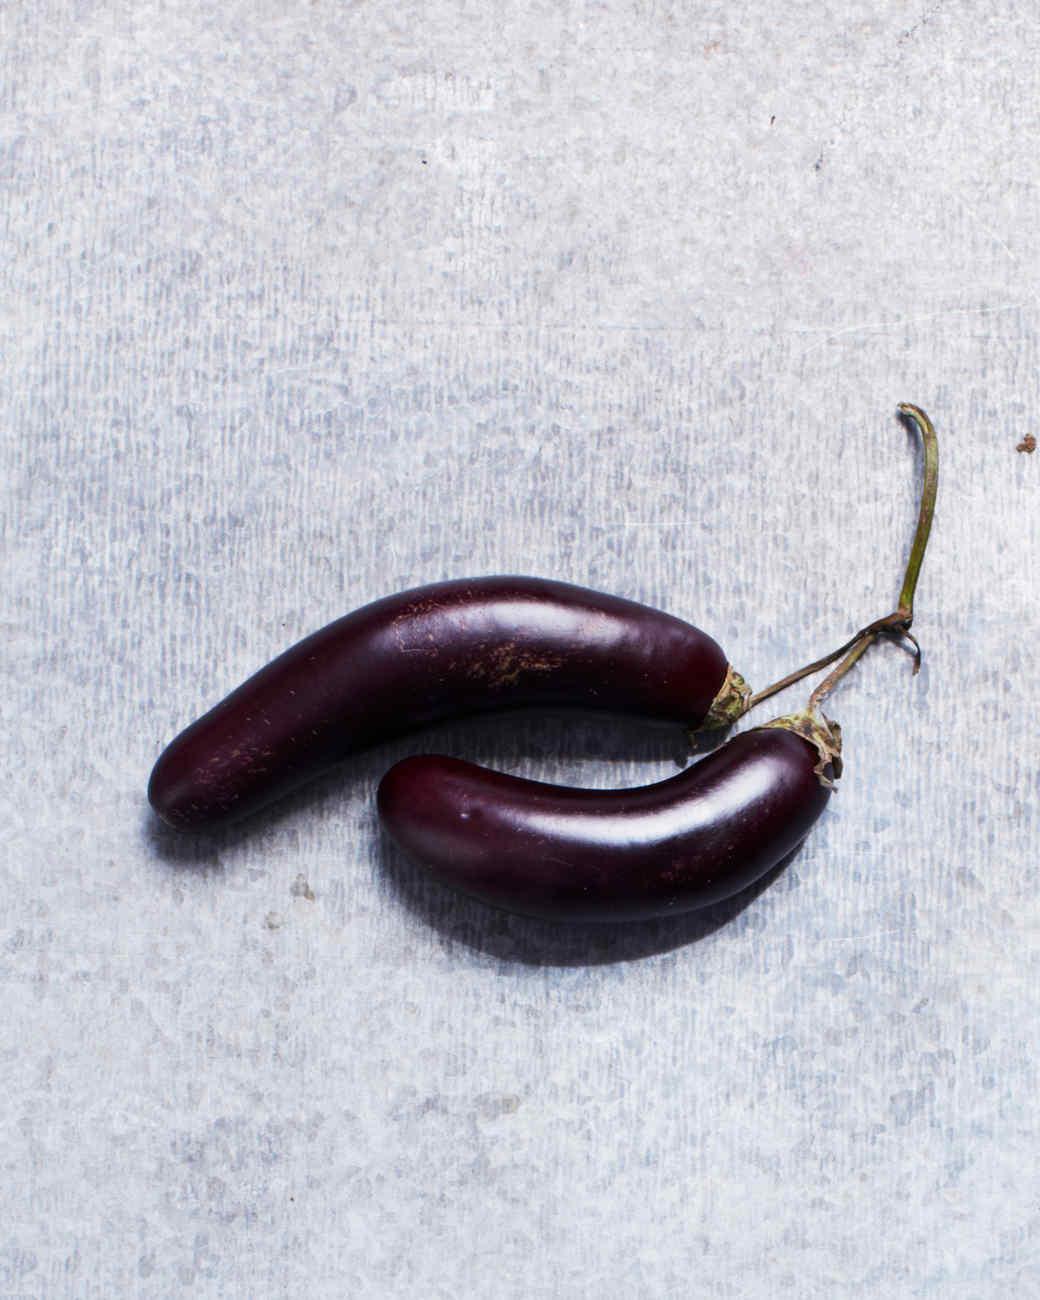 eggplant-glossary-108-d110486-0515.jpg